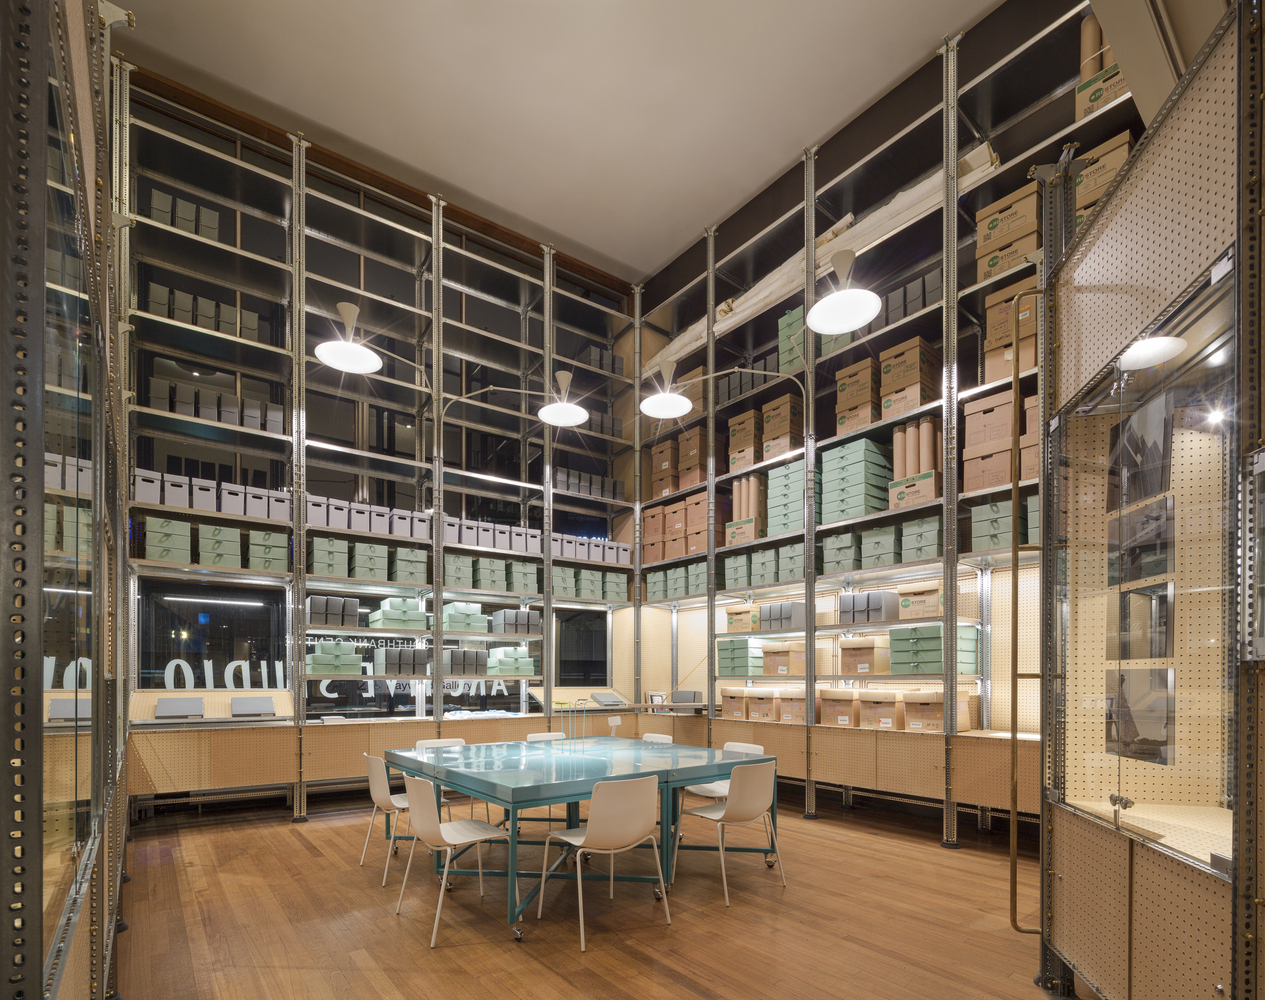 Идея интерьера архивного помещения от Jonathan Tuckey фото 6